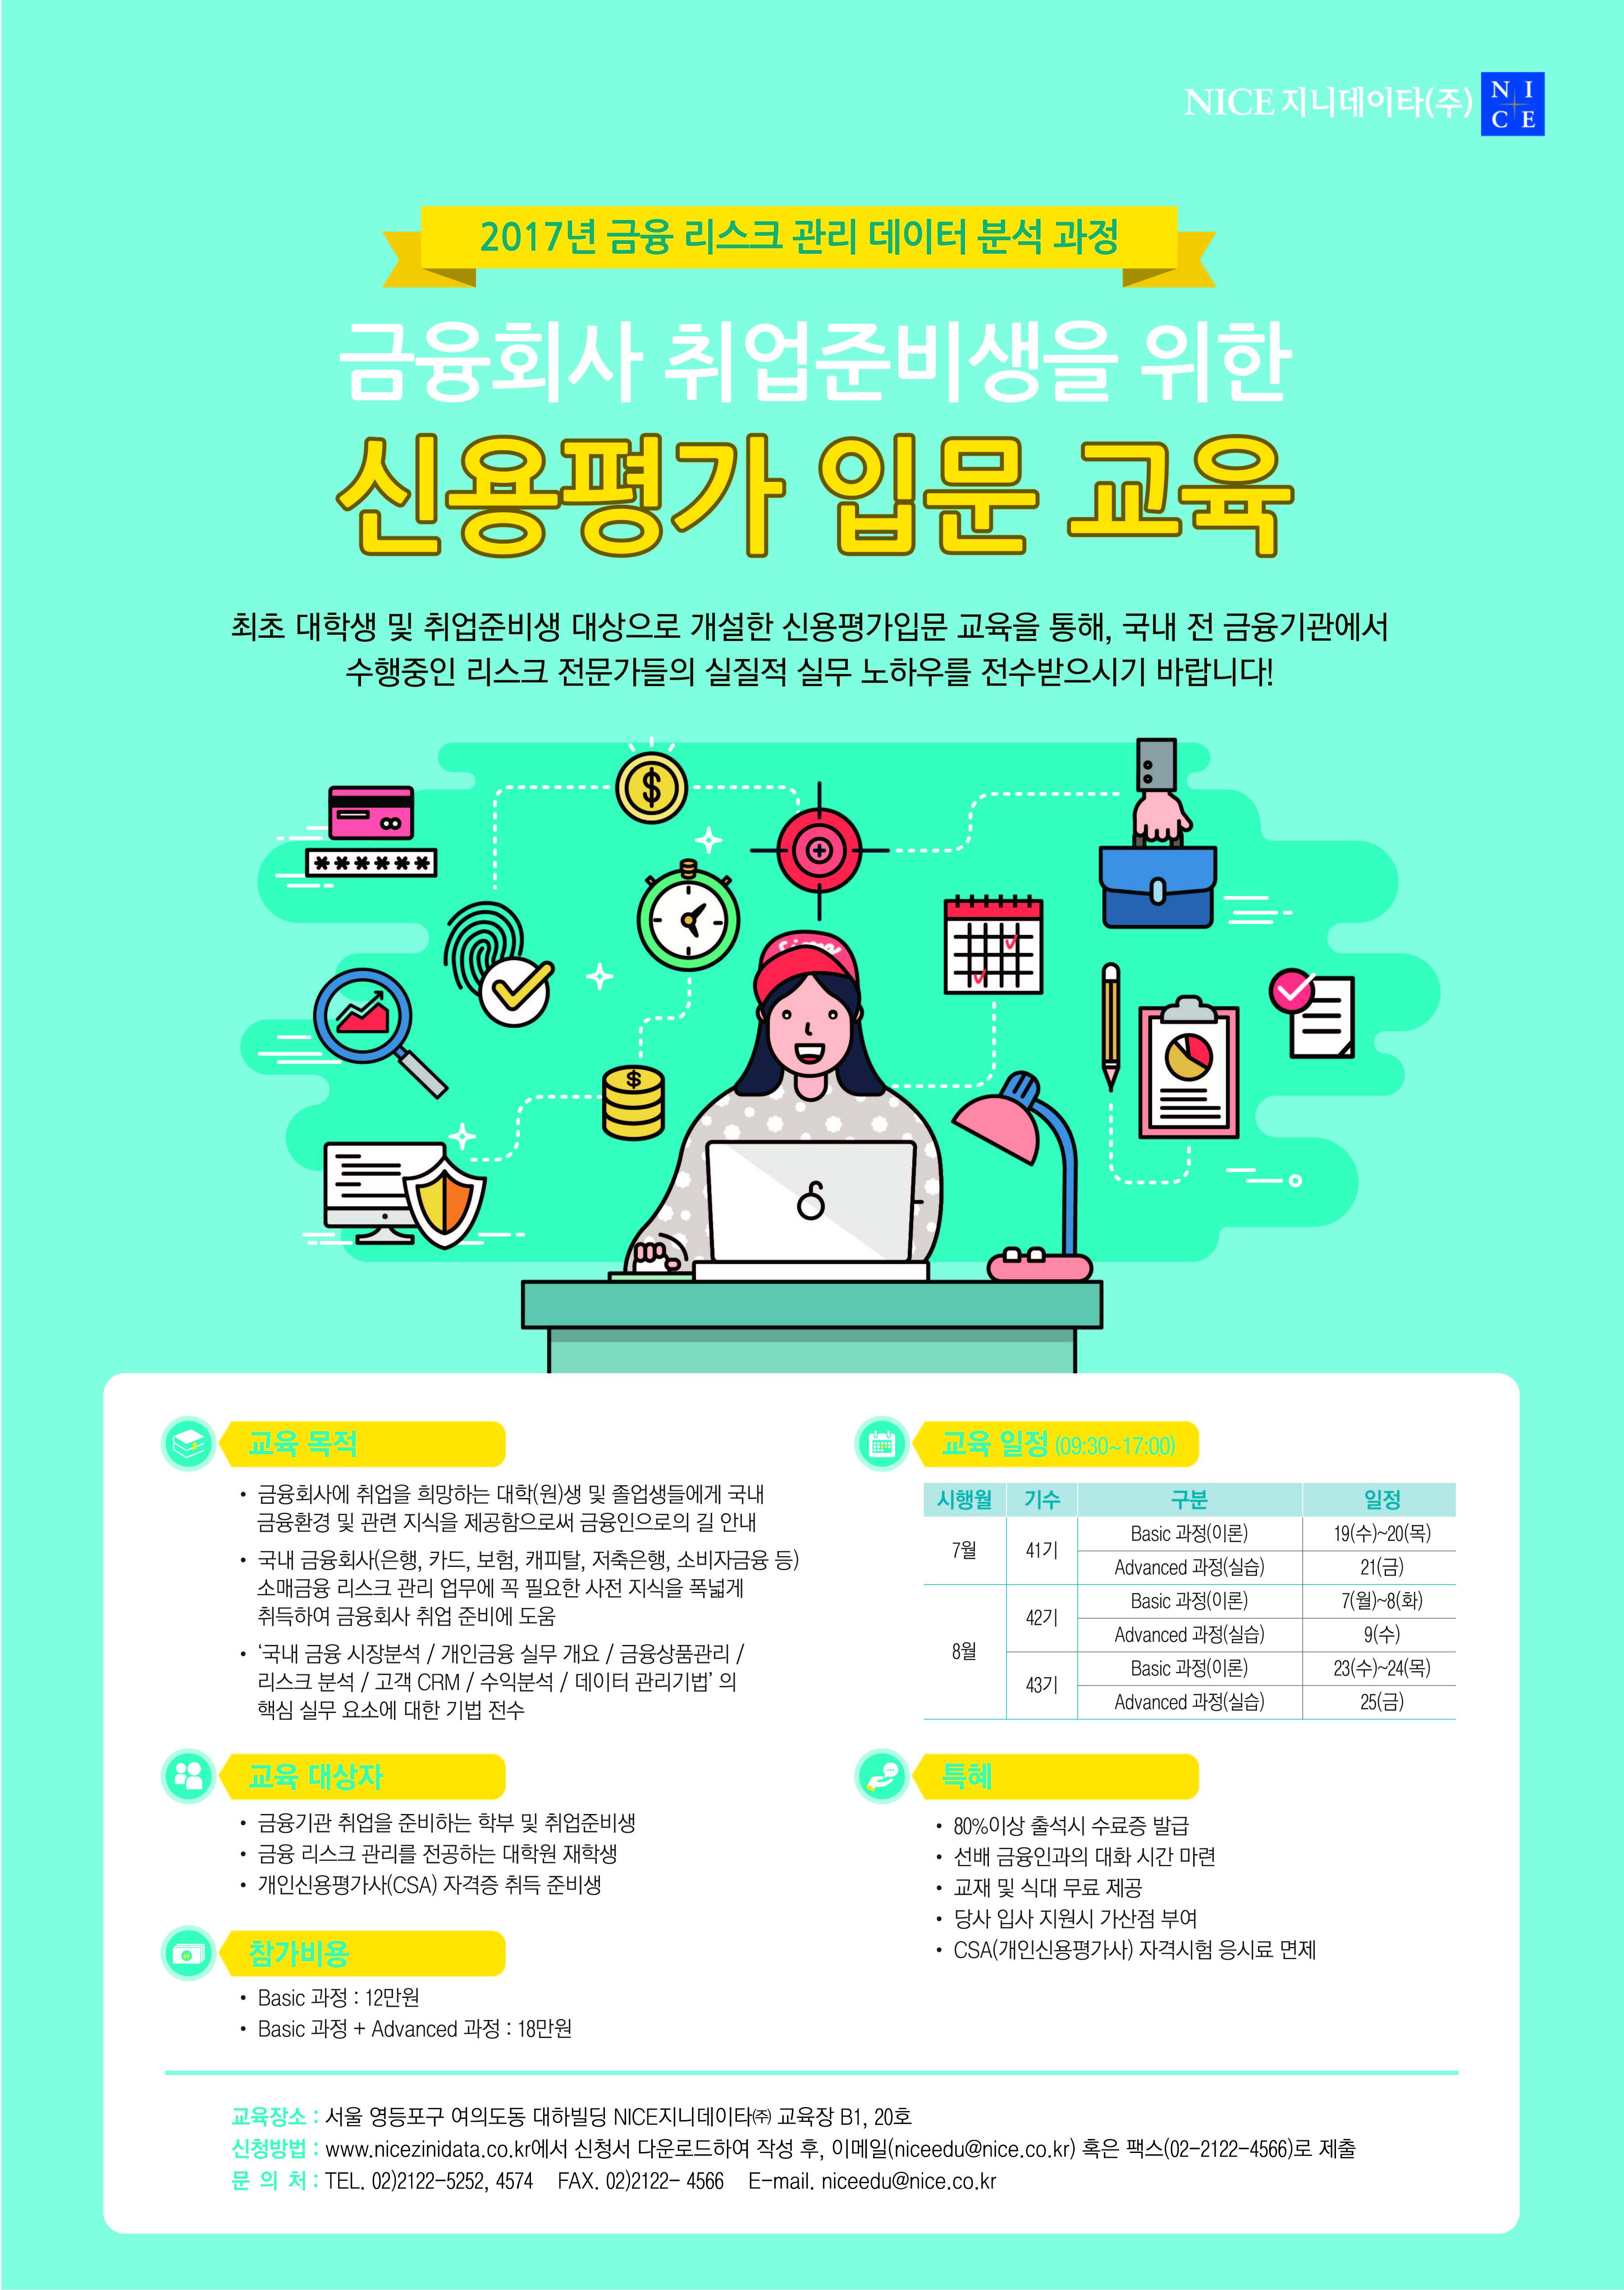 2017 여름방학 신용평가입문교육_포스터 이미지파일.jpg